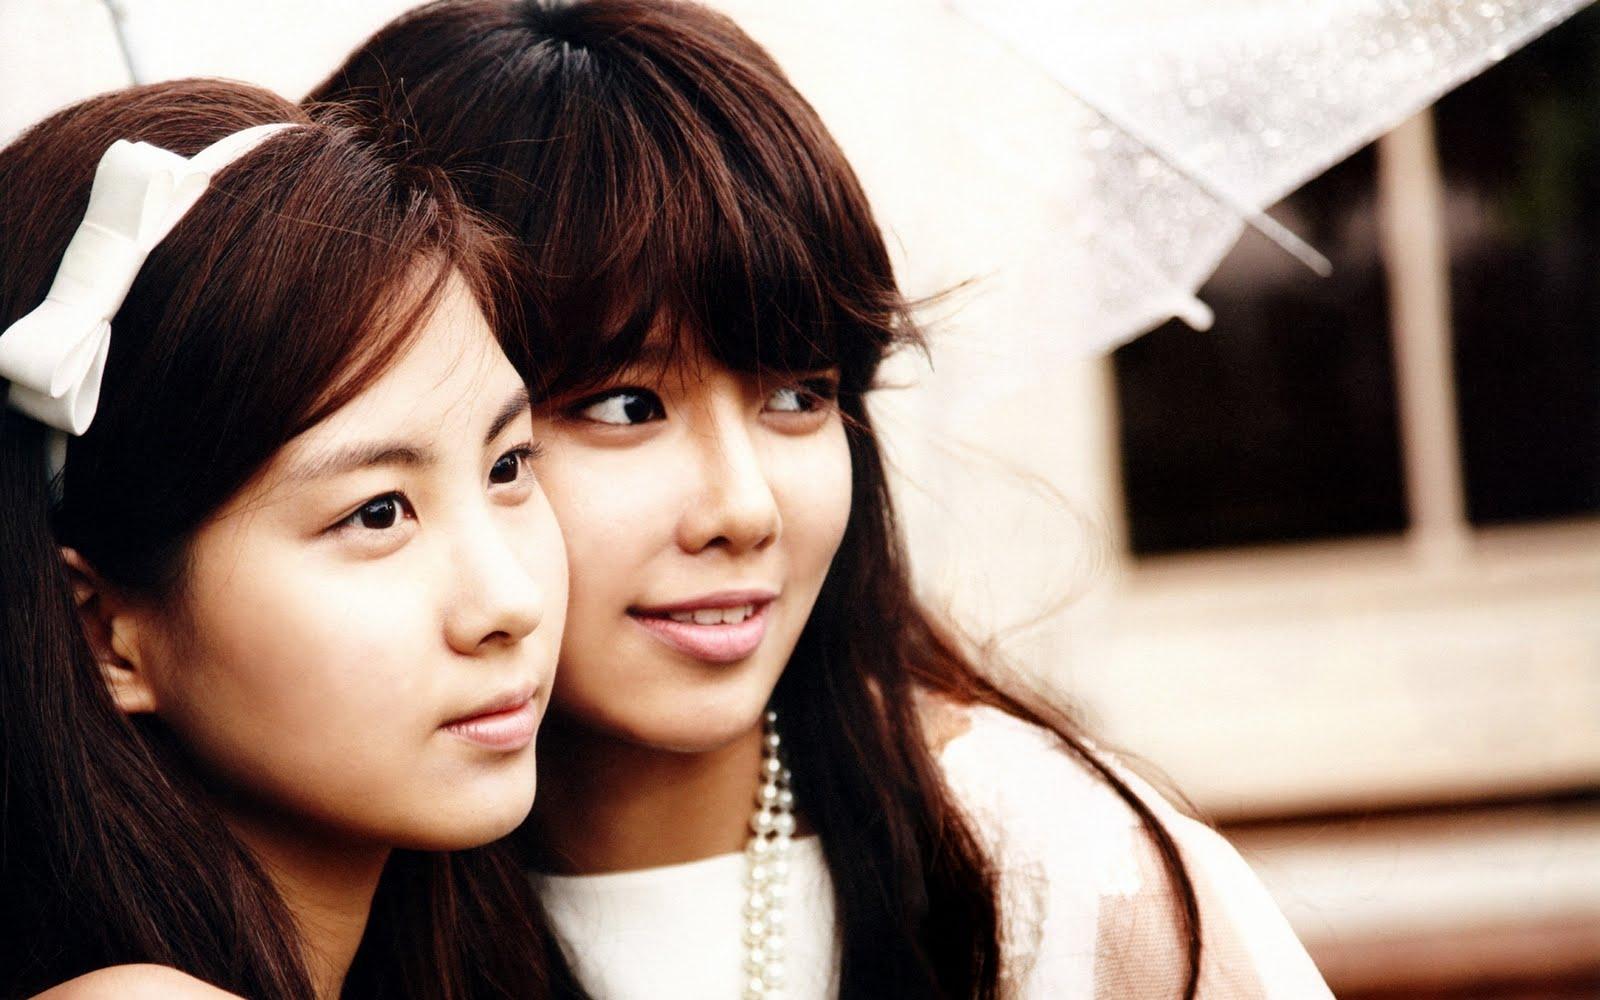 http://2.bp.blogspot.com/_zvao_8RWEAE/TH77m_0WfvI/AAAAAAAABXY/C-FsAG9QWCw/s1600/seohyunsooyoung.jpg